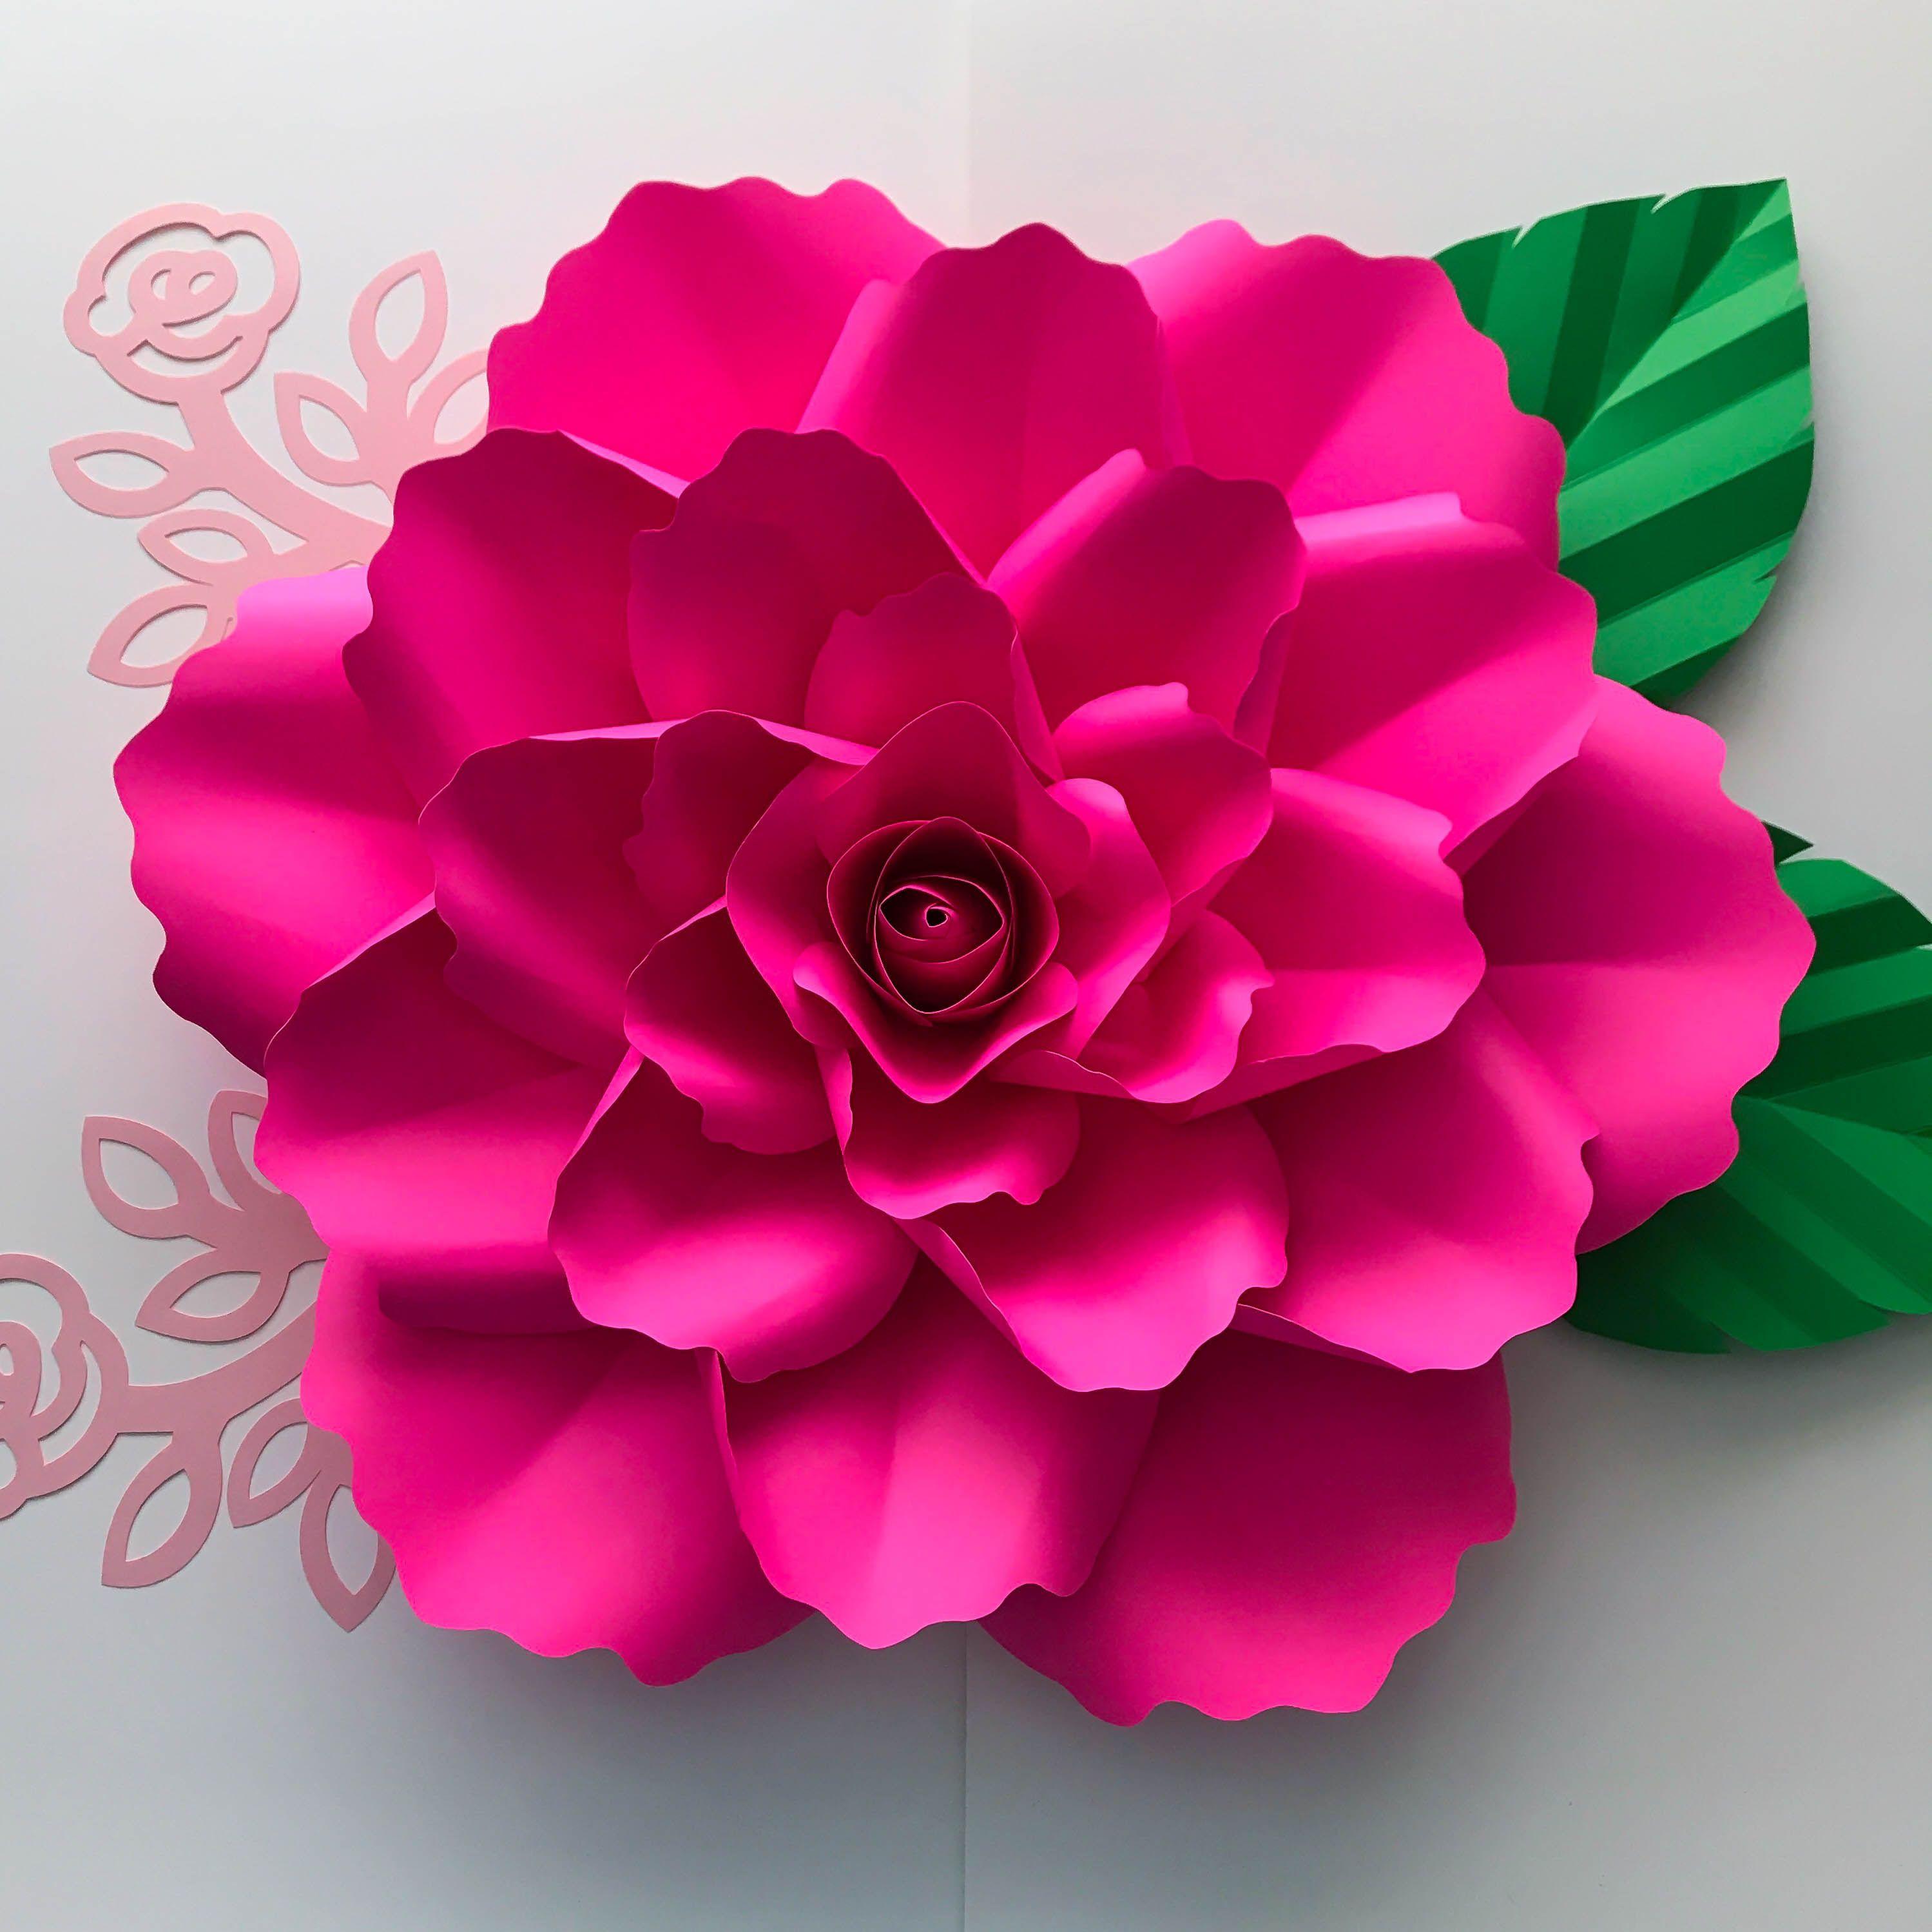 paper flowers svg petal 99 with clover rose center elegant rose flower template with center. Black Bedroom Furniture Sets. Home Design Ideas